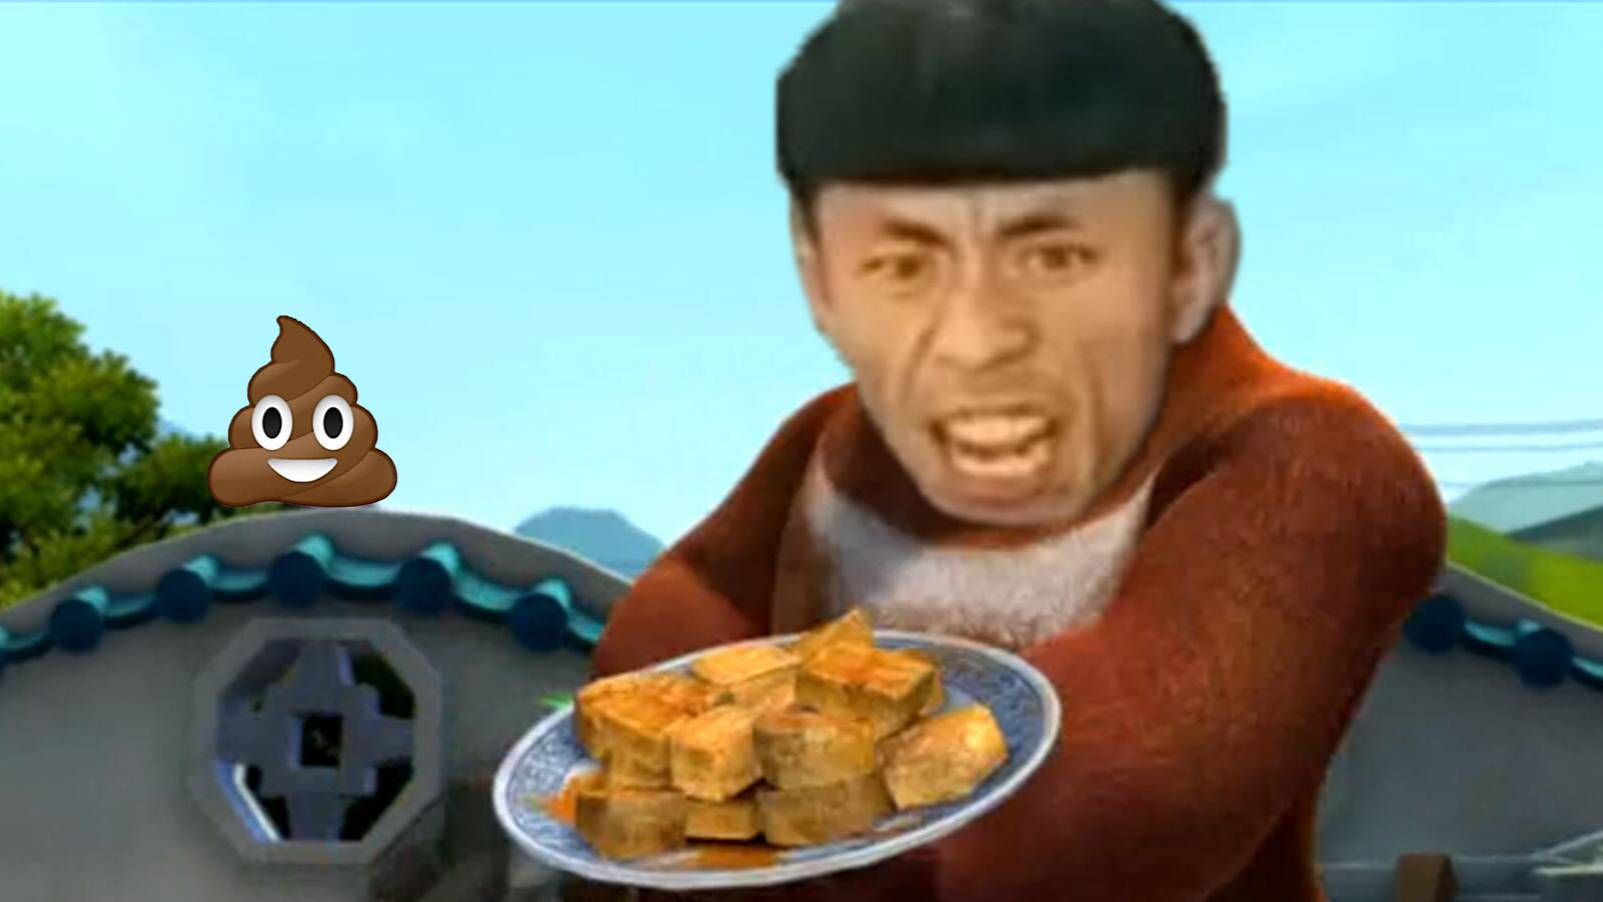 【鬼畜配音】臭豆腐